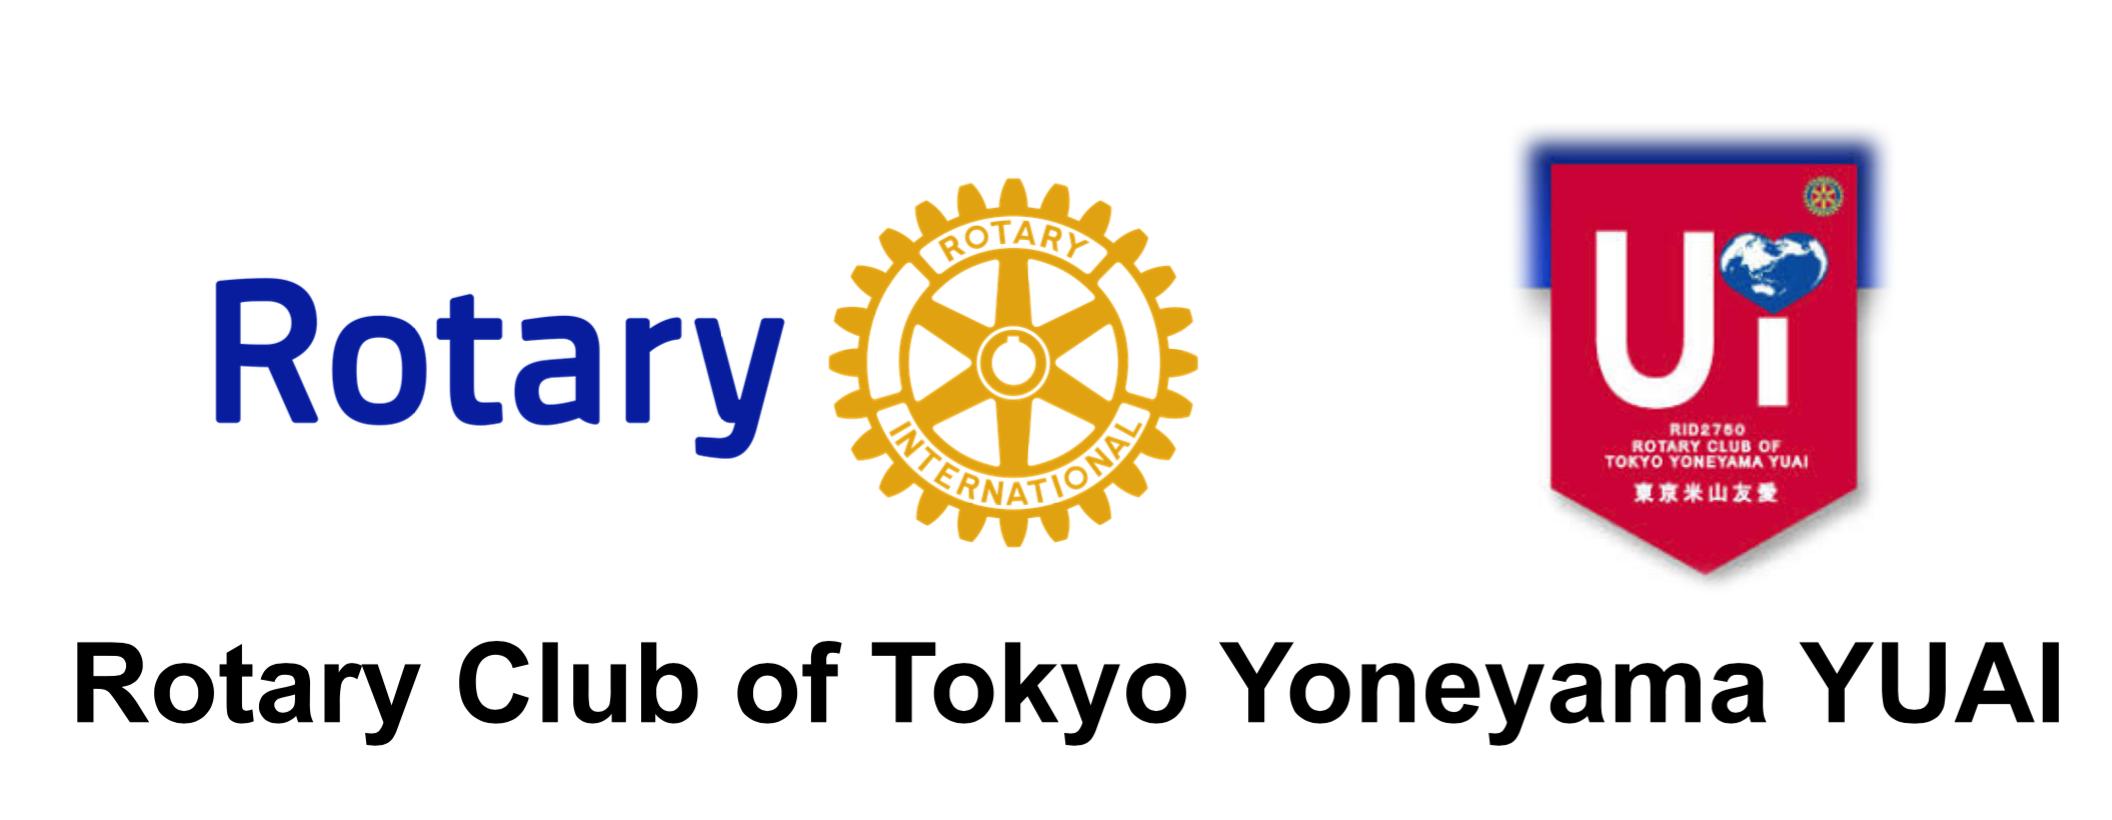 東京米山友愛ロータリークラブ